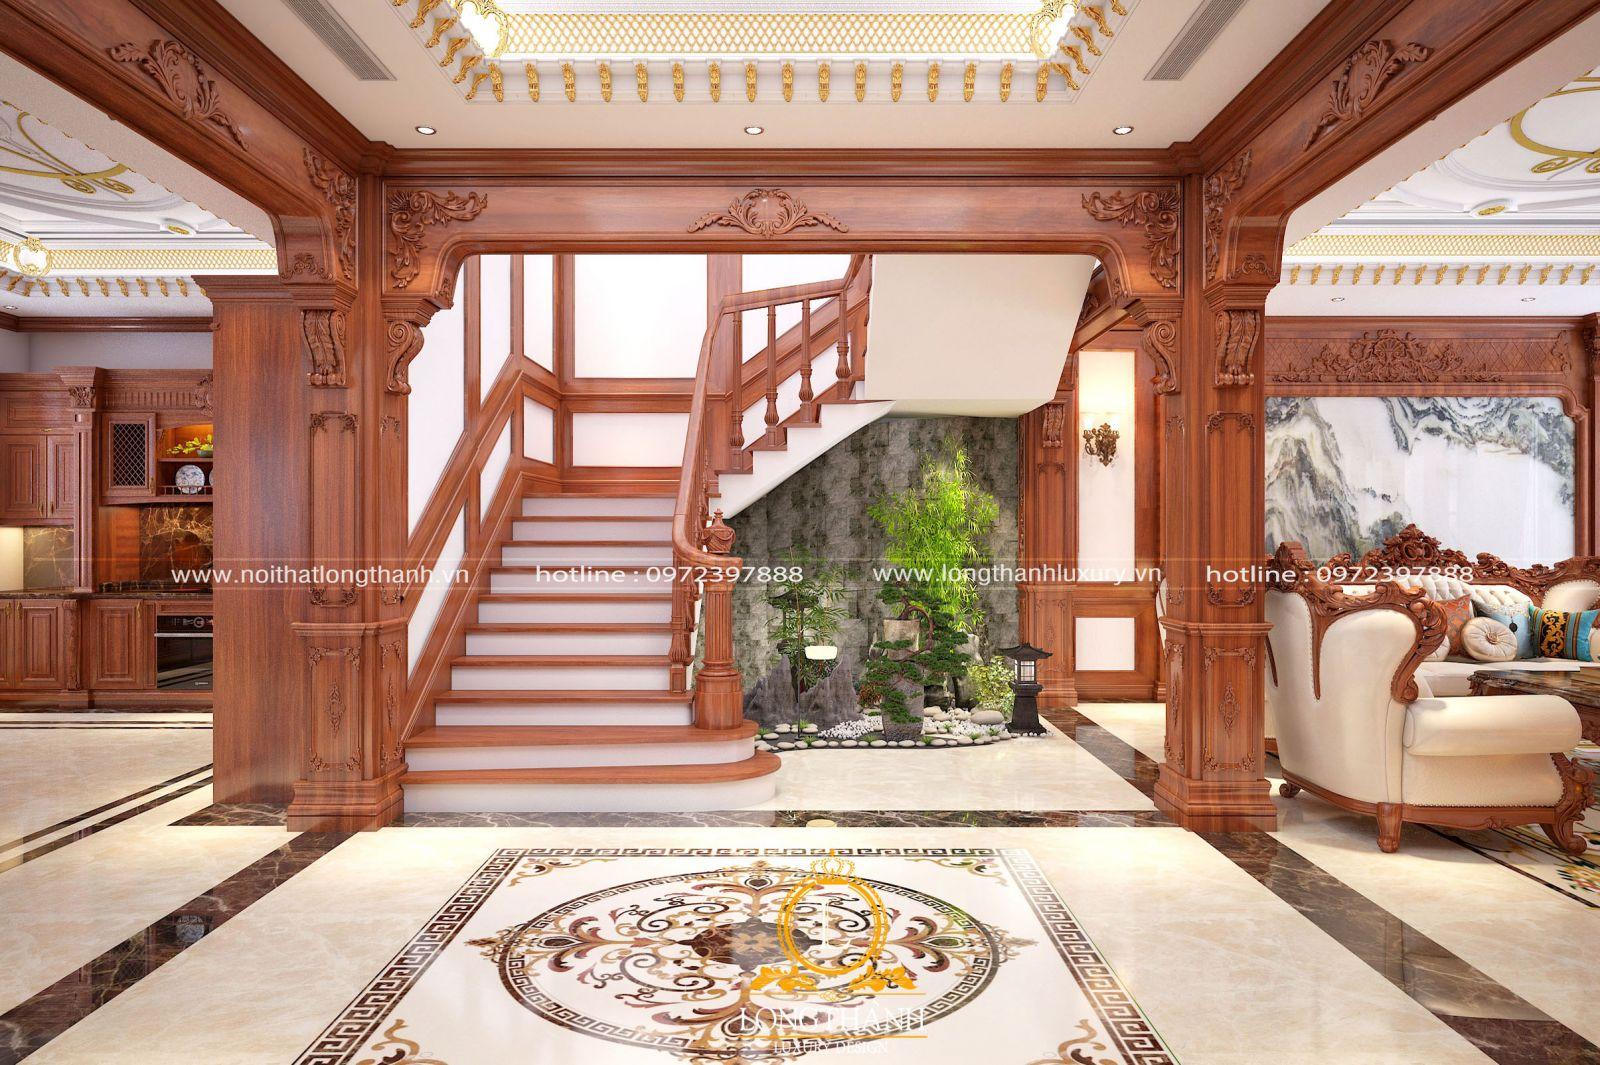 Căn phòng khách tân cổ điển đẹp sang trọng và đẳng cấp